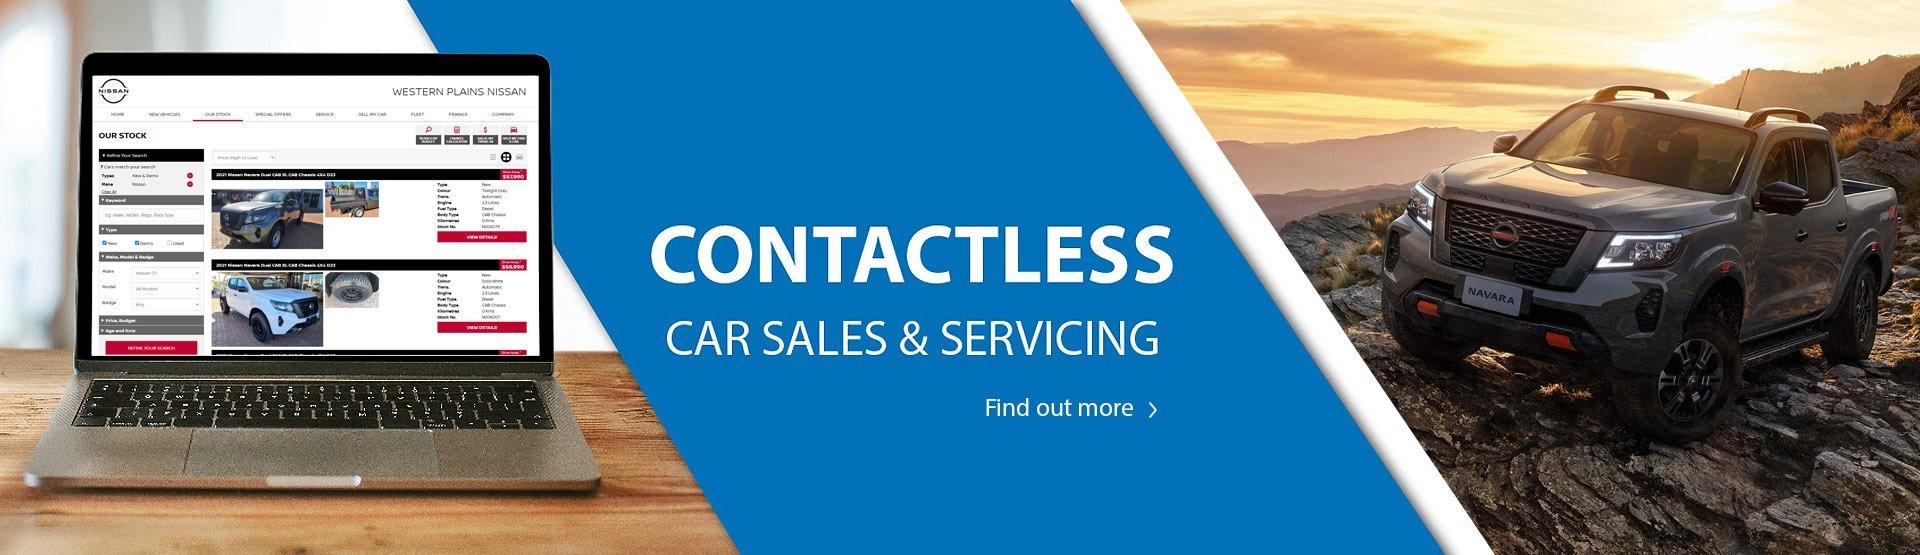 Contactless Car Sales Nissan